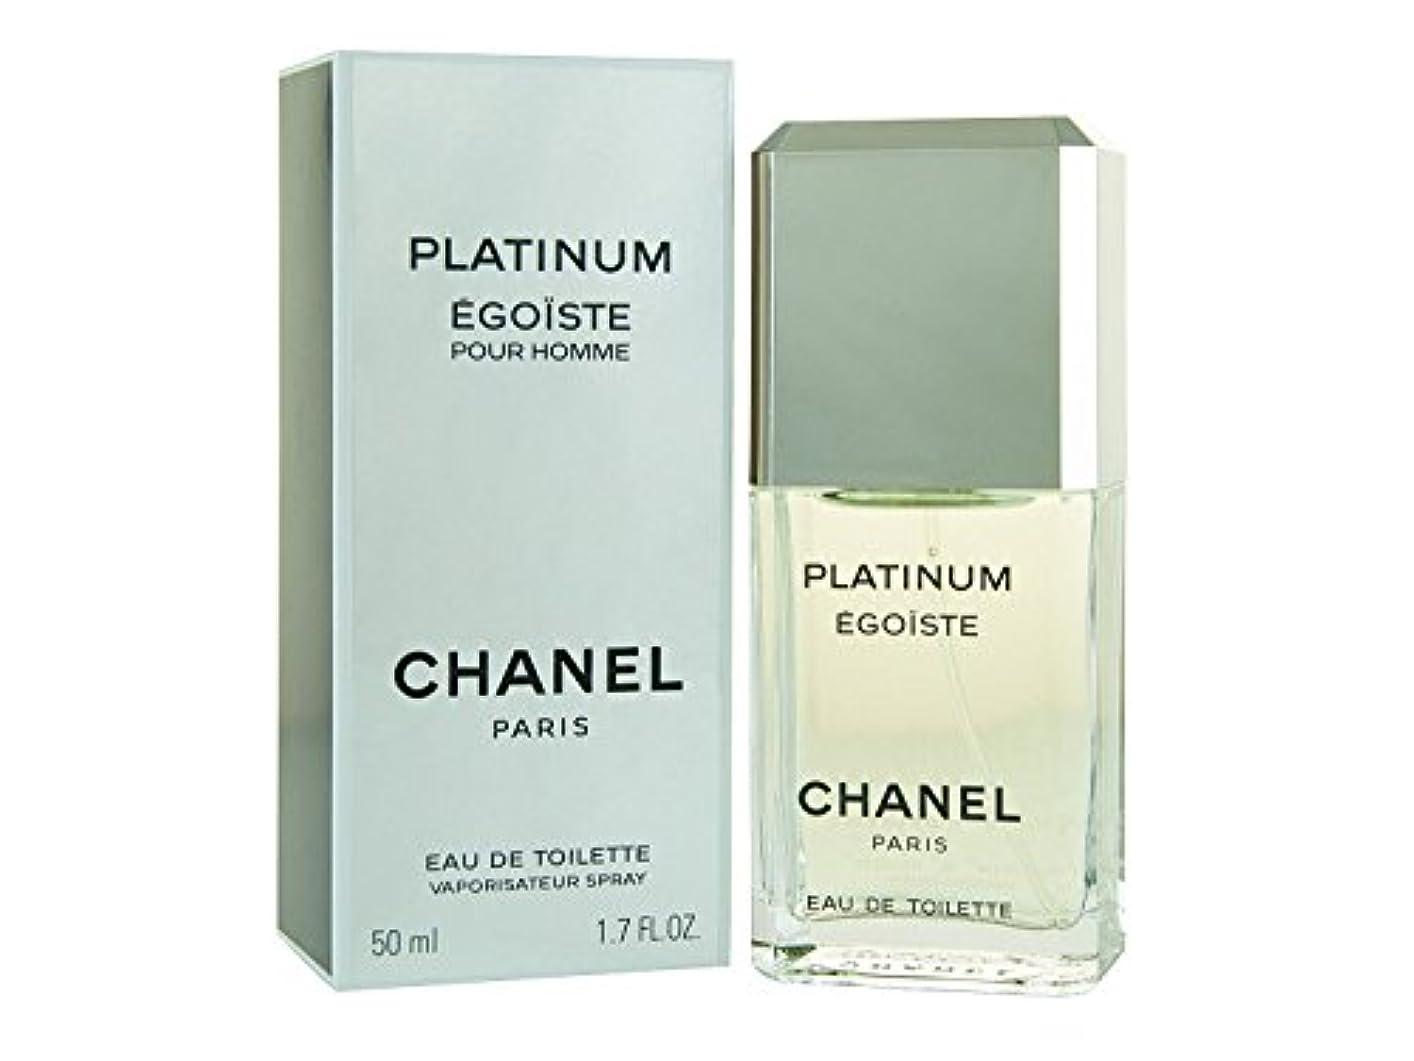 ナプキン国民恥ずかしいシャネル CHANEL エゴイスト プラチナム オードトワレ EDT 50mL 香水